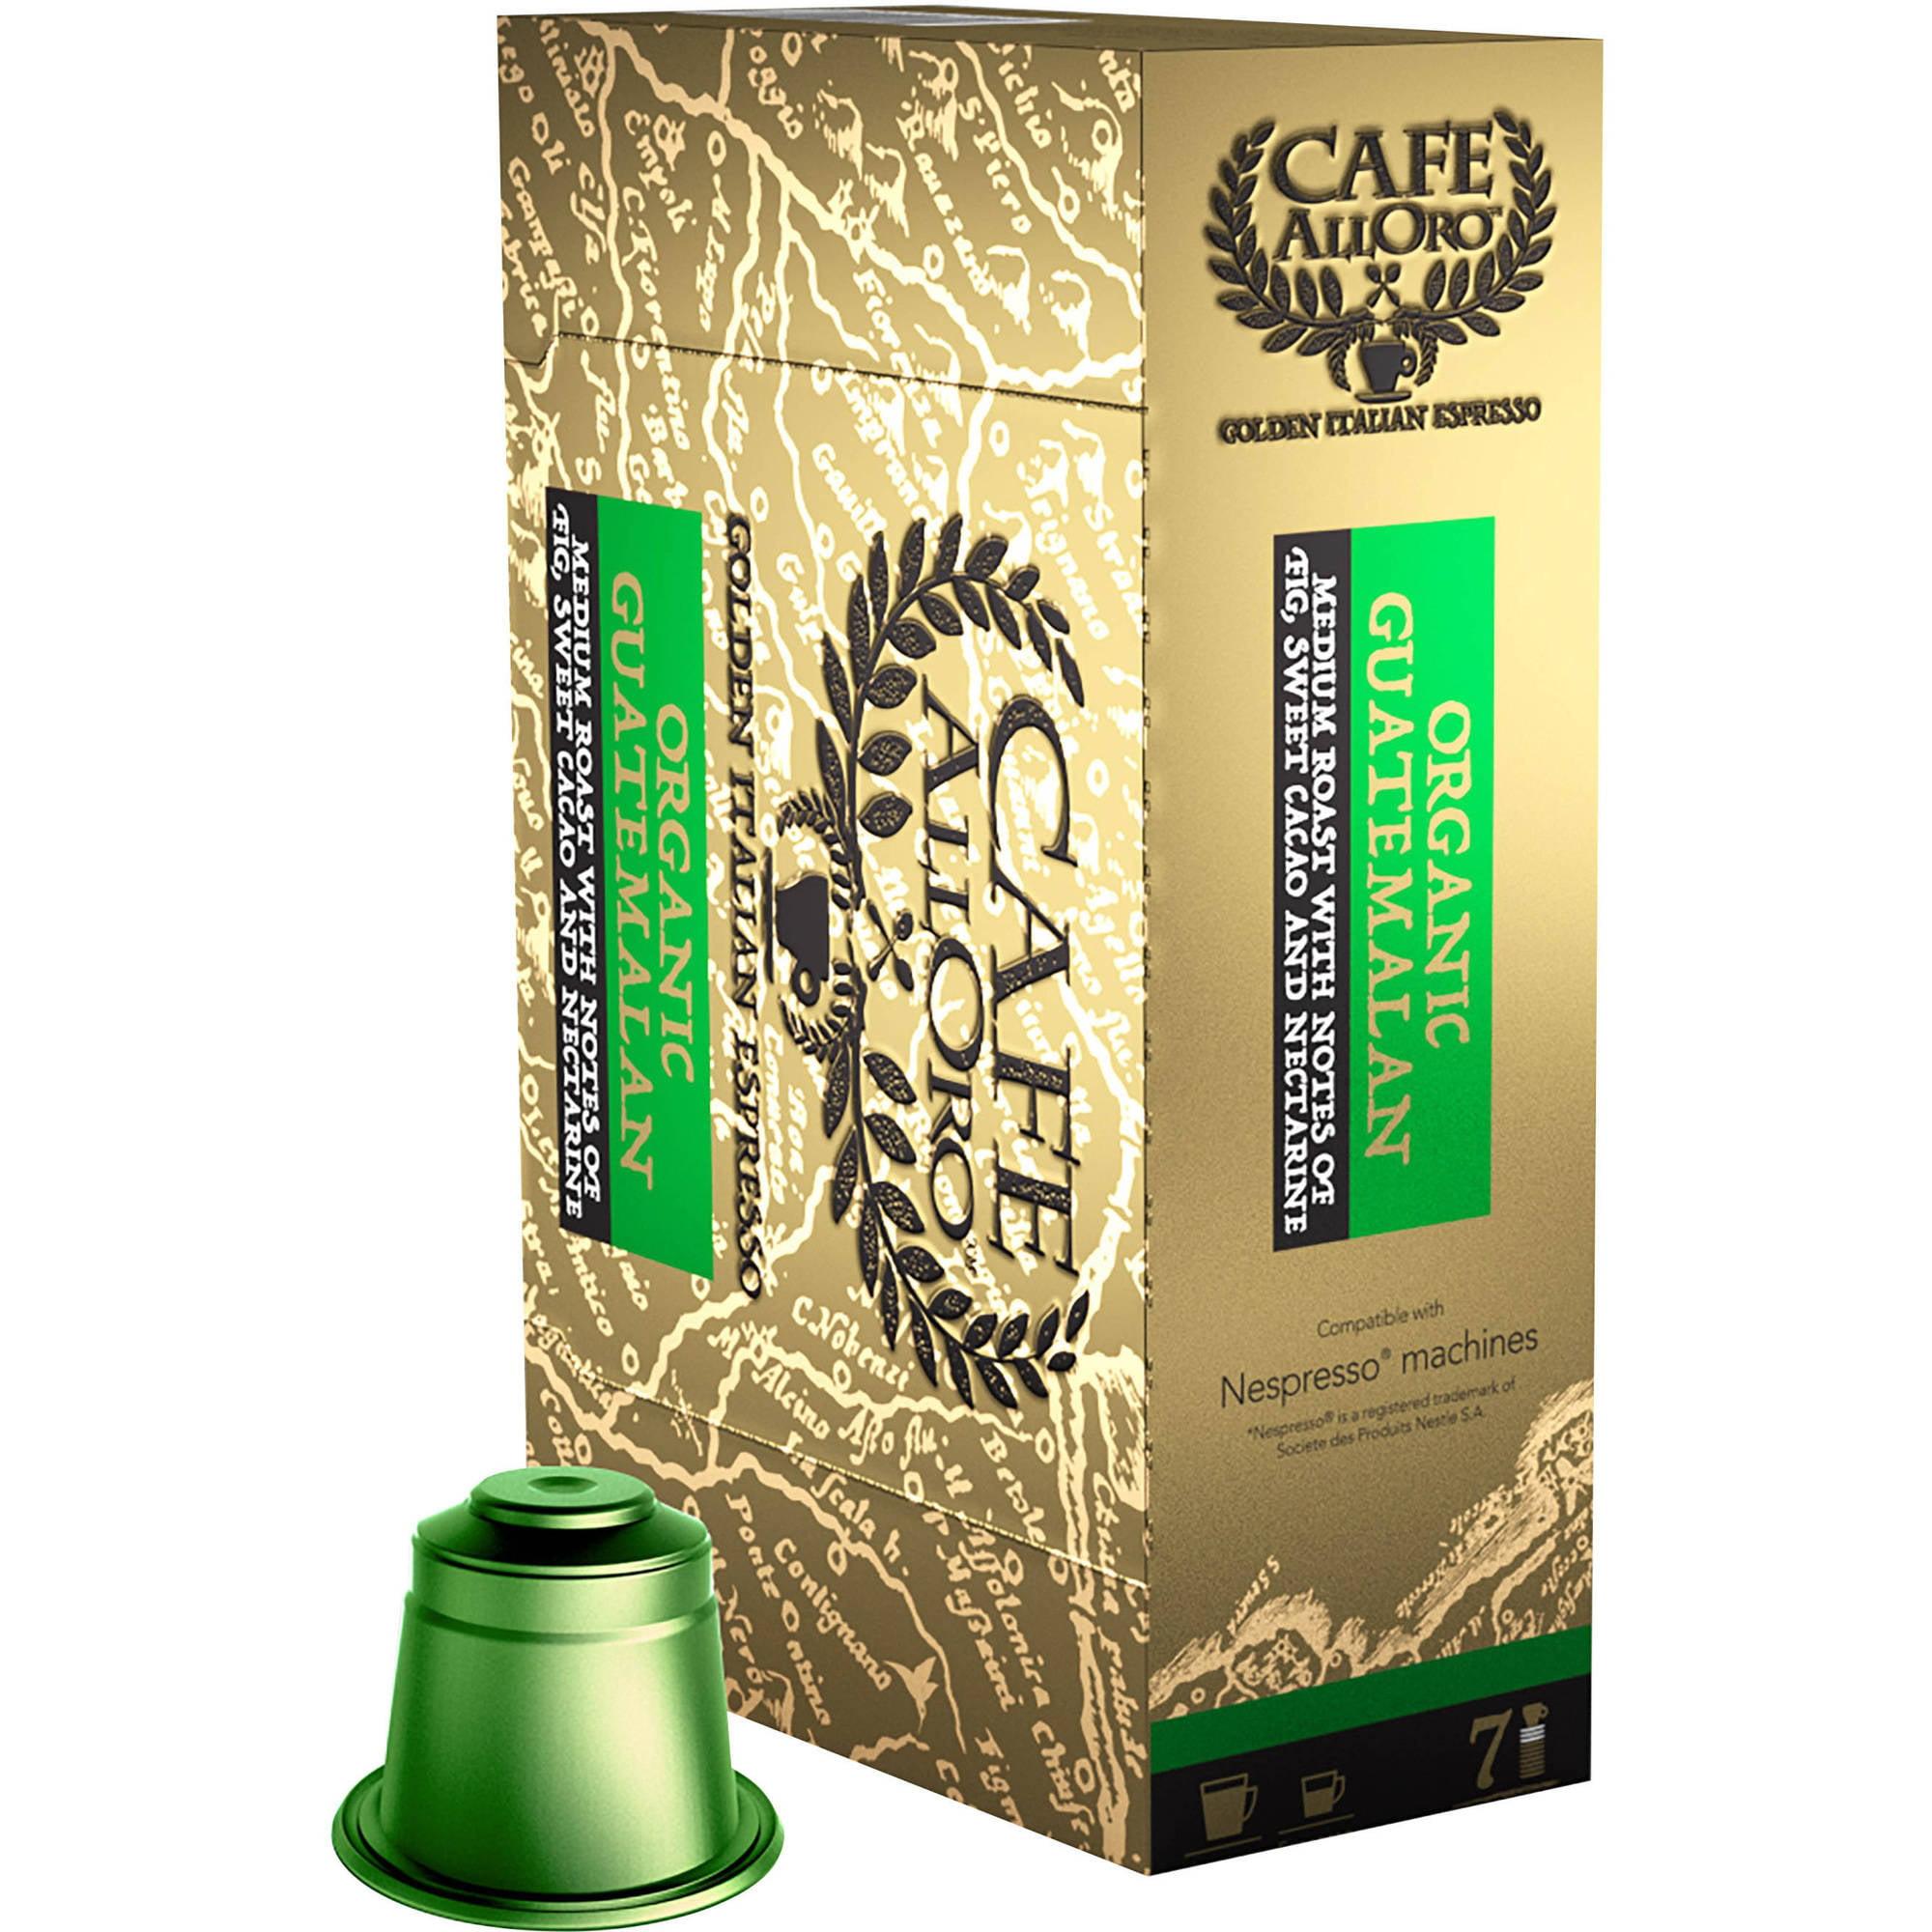 Cafe AllOro Organic Guatemalan Golden Italian Espresso Single Serve Coffee Cups, 50 count